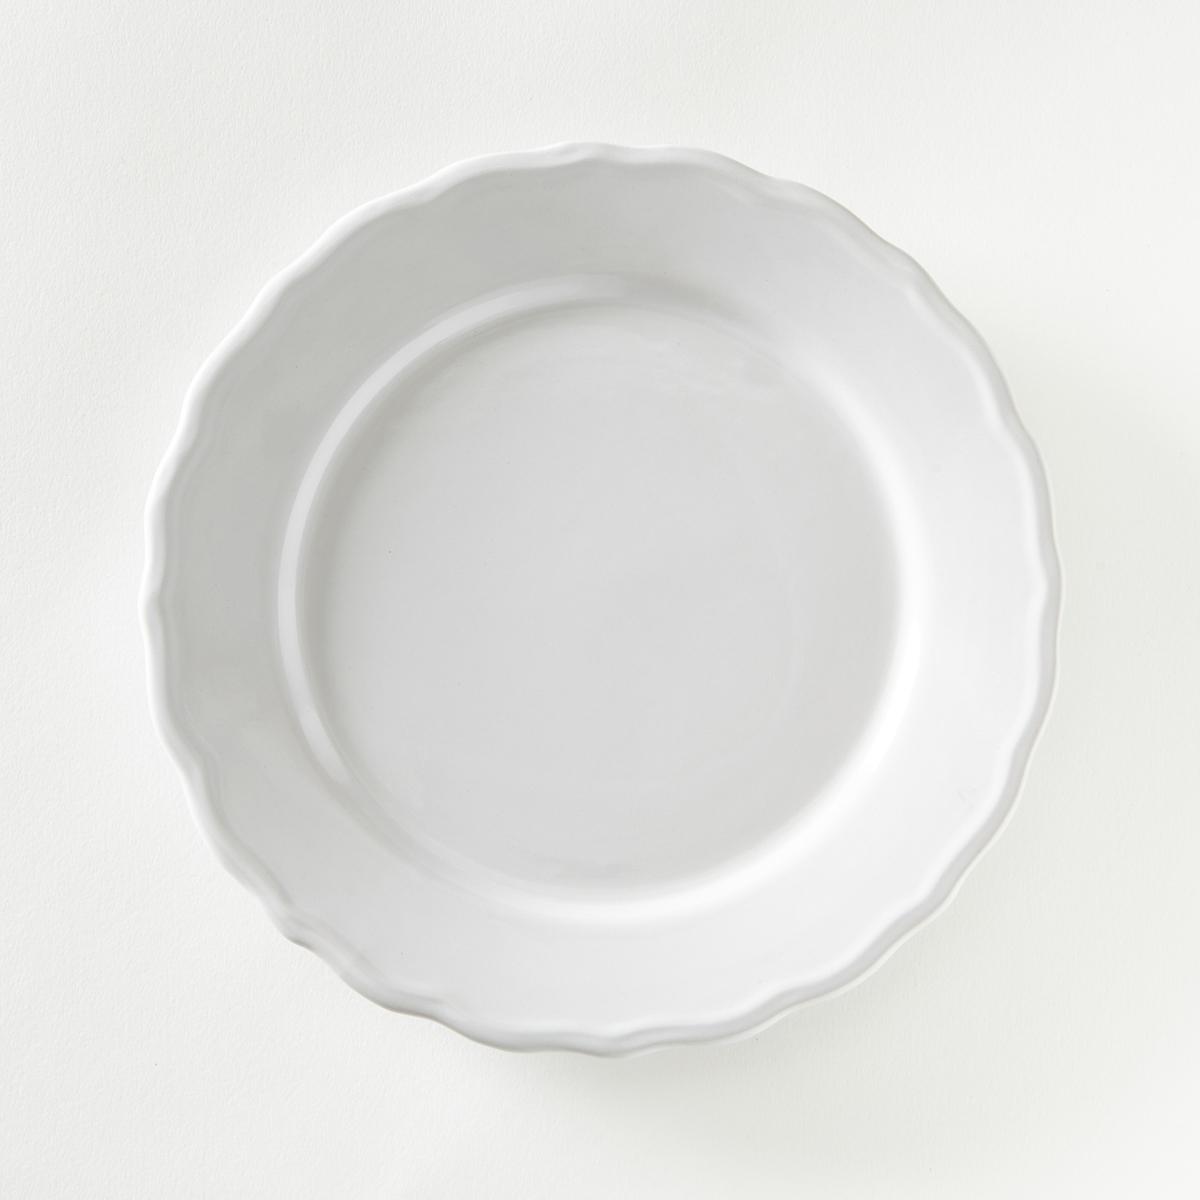 4 тарелки десертные с отделкой фестонами, AjilaХарактеристики 4 тарелок десертных с отделкой фестонами Ajila :- Из фаянса, зубчатая кромка.- Диаметр 21,7 см  .- Можно использовать в посудомоечных машинах и микроволновых печах.Плоские и глубокие тарелки, чашки, кружки и блюдца Ajila продаются на нашем сайте .<br><br>Цвет: белый,серо-коричневый<br>Размер: единый размер